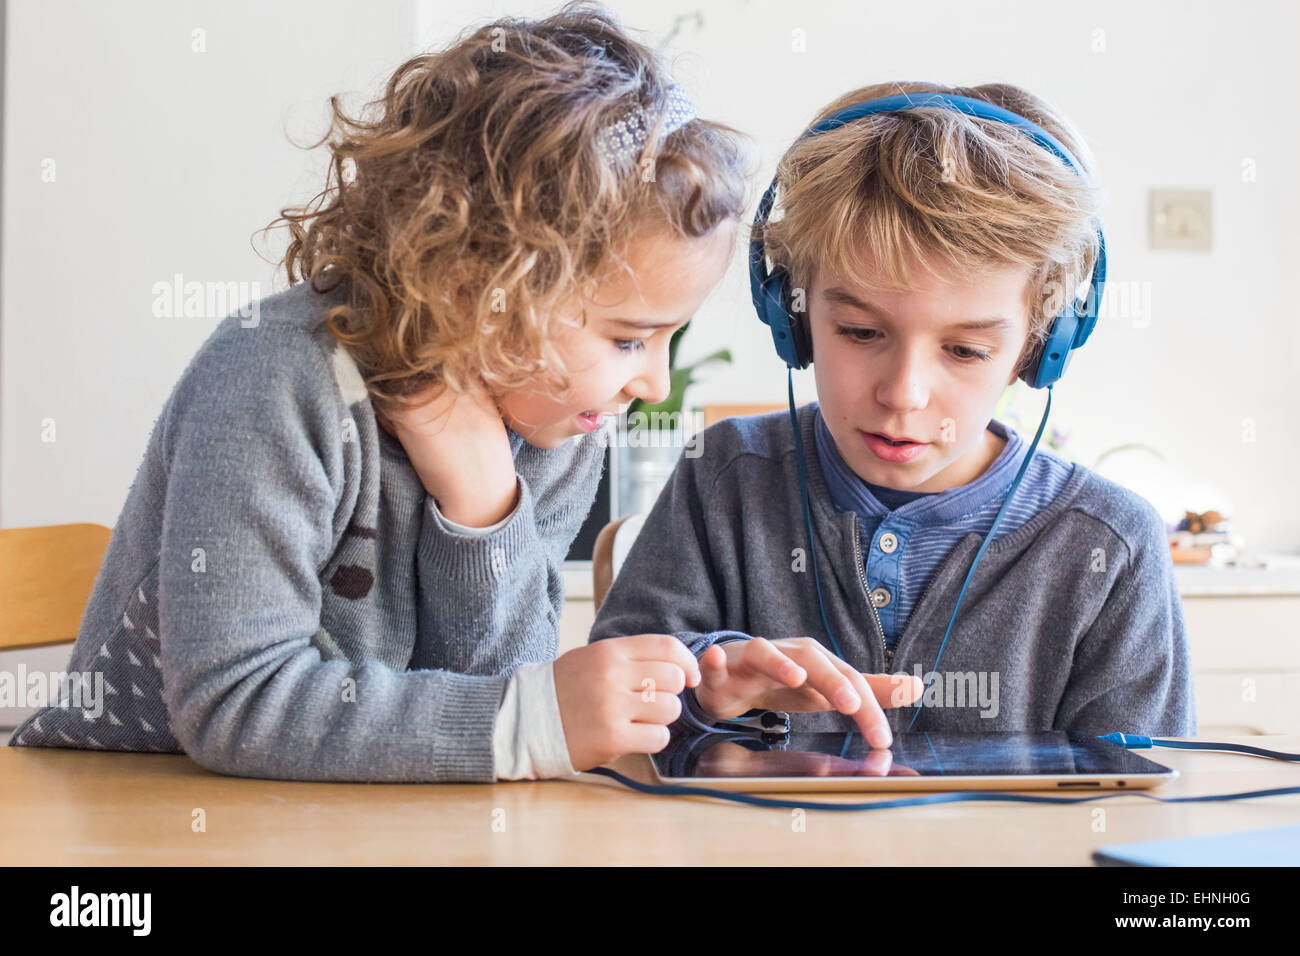 5 anno vecchia ragazza e 8 anno vecchio ragazzo utilizzando computer tablet. Immagini Stock